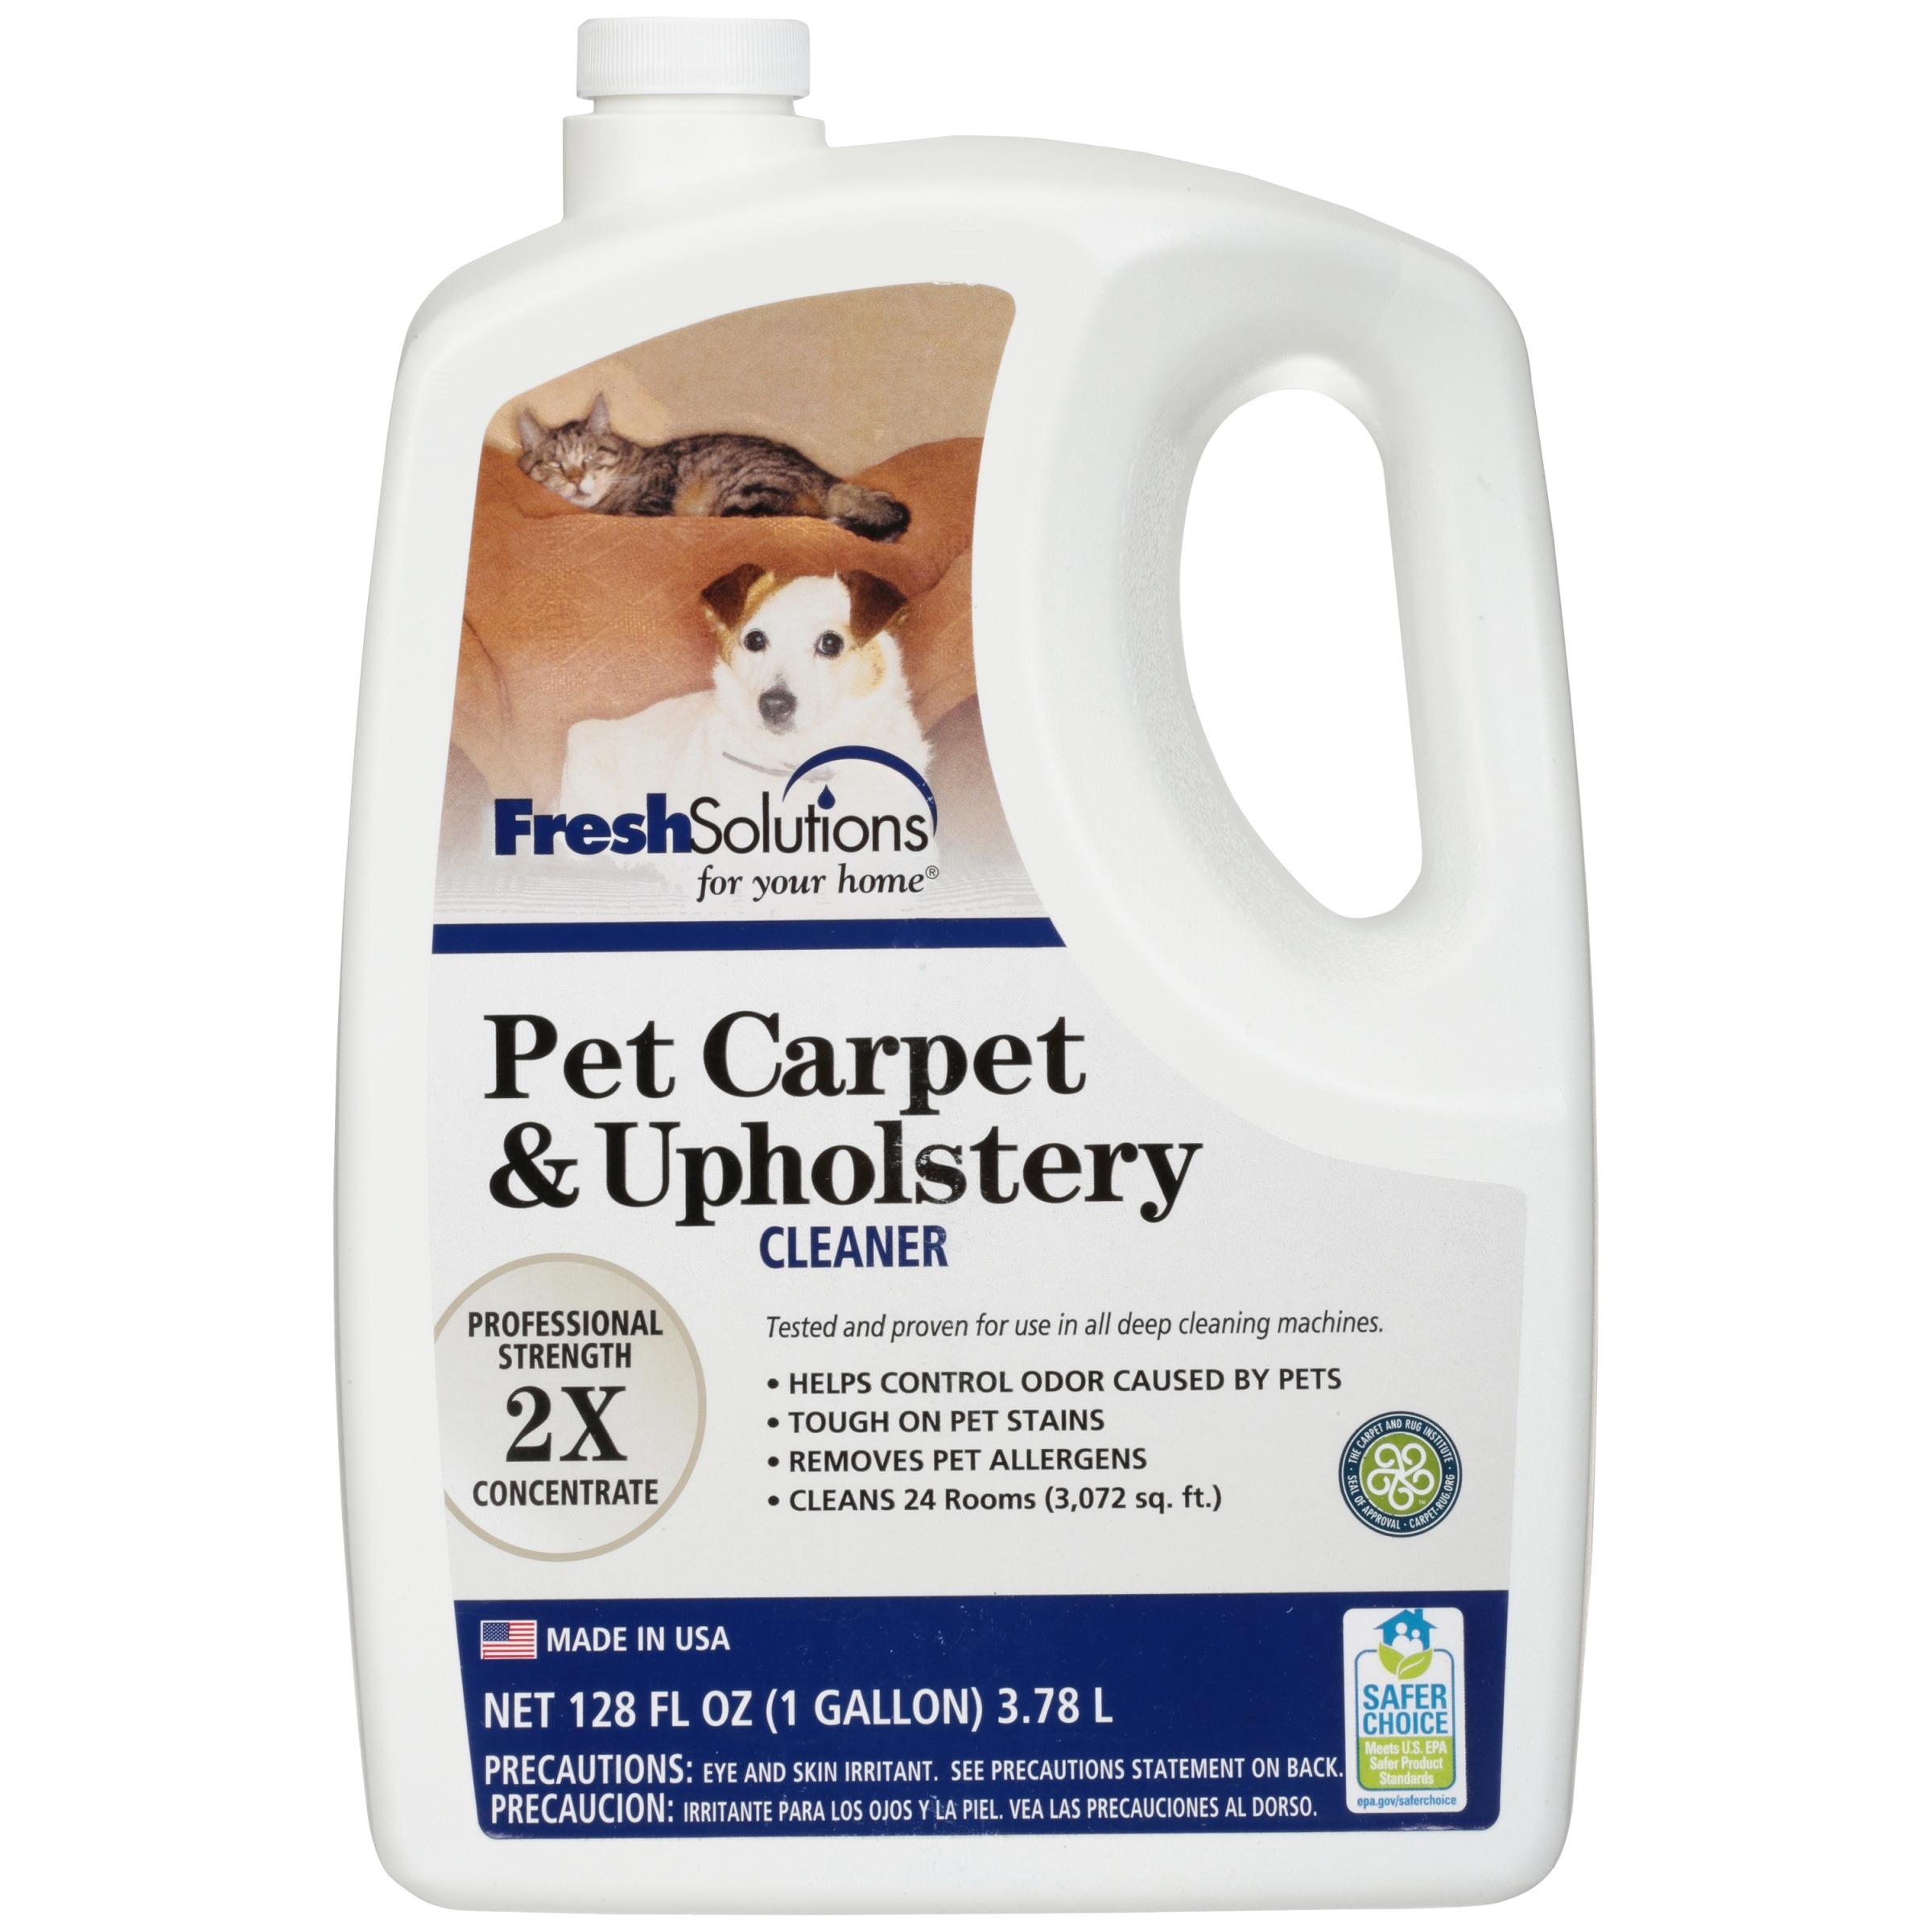 Fresh Solutions Pet Carpet & Upholstery Cleaner, 128 fl oz